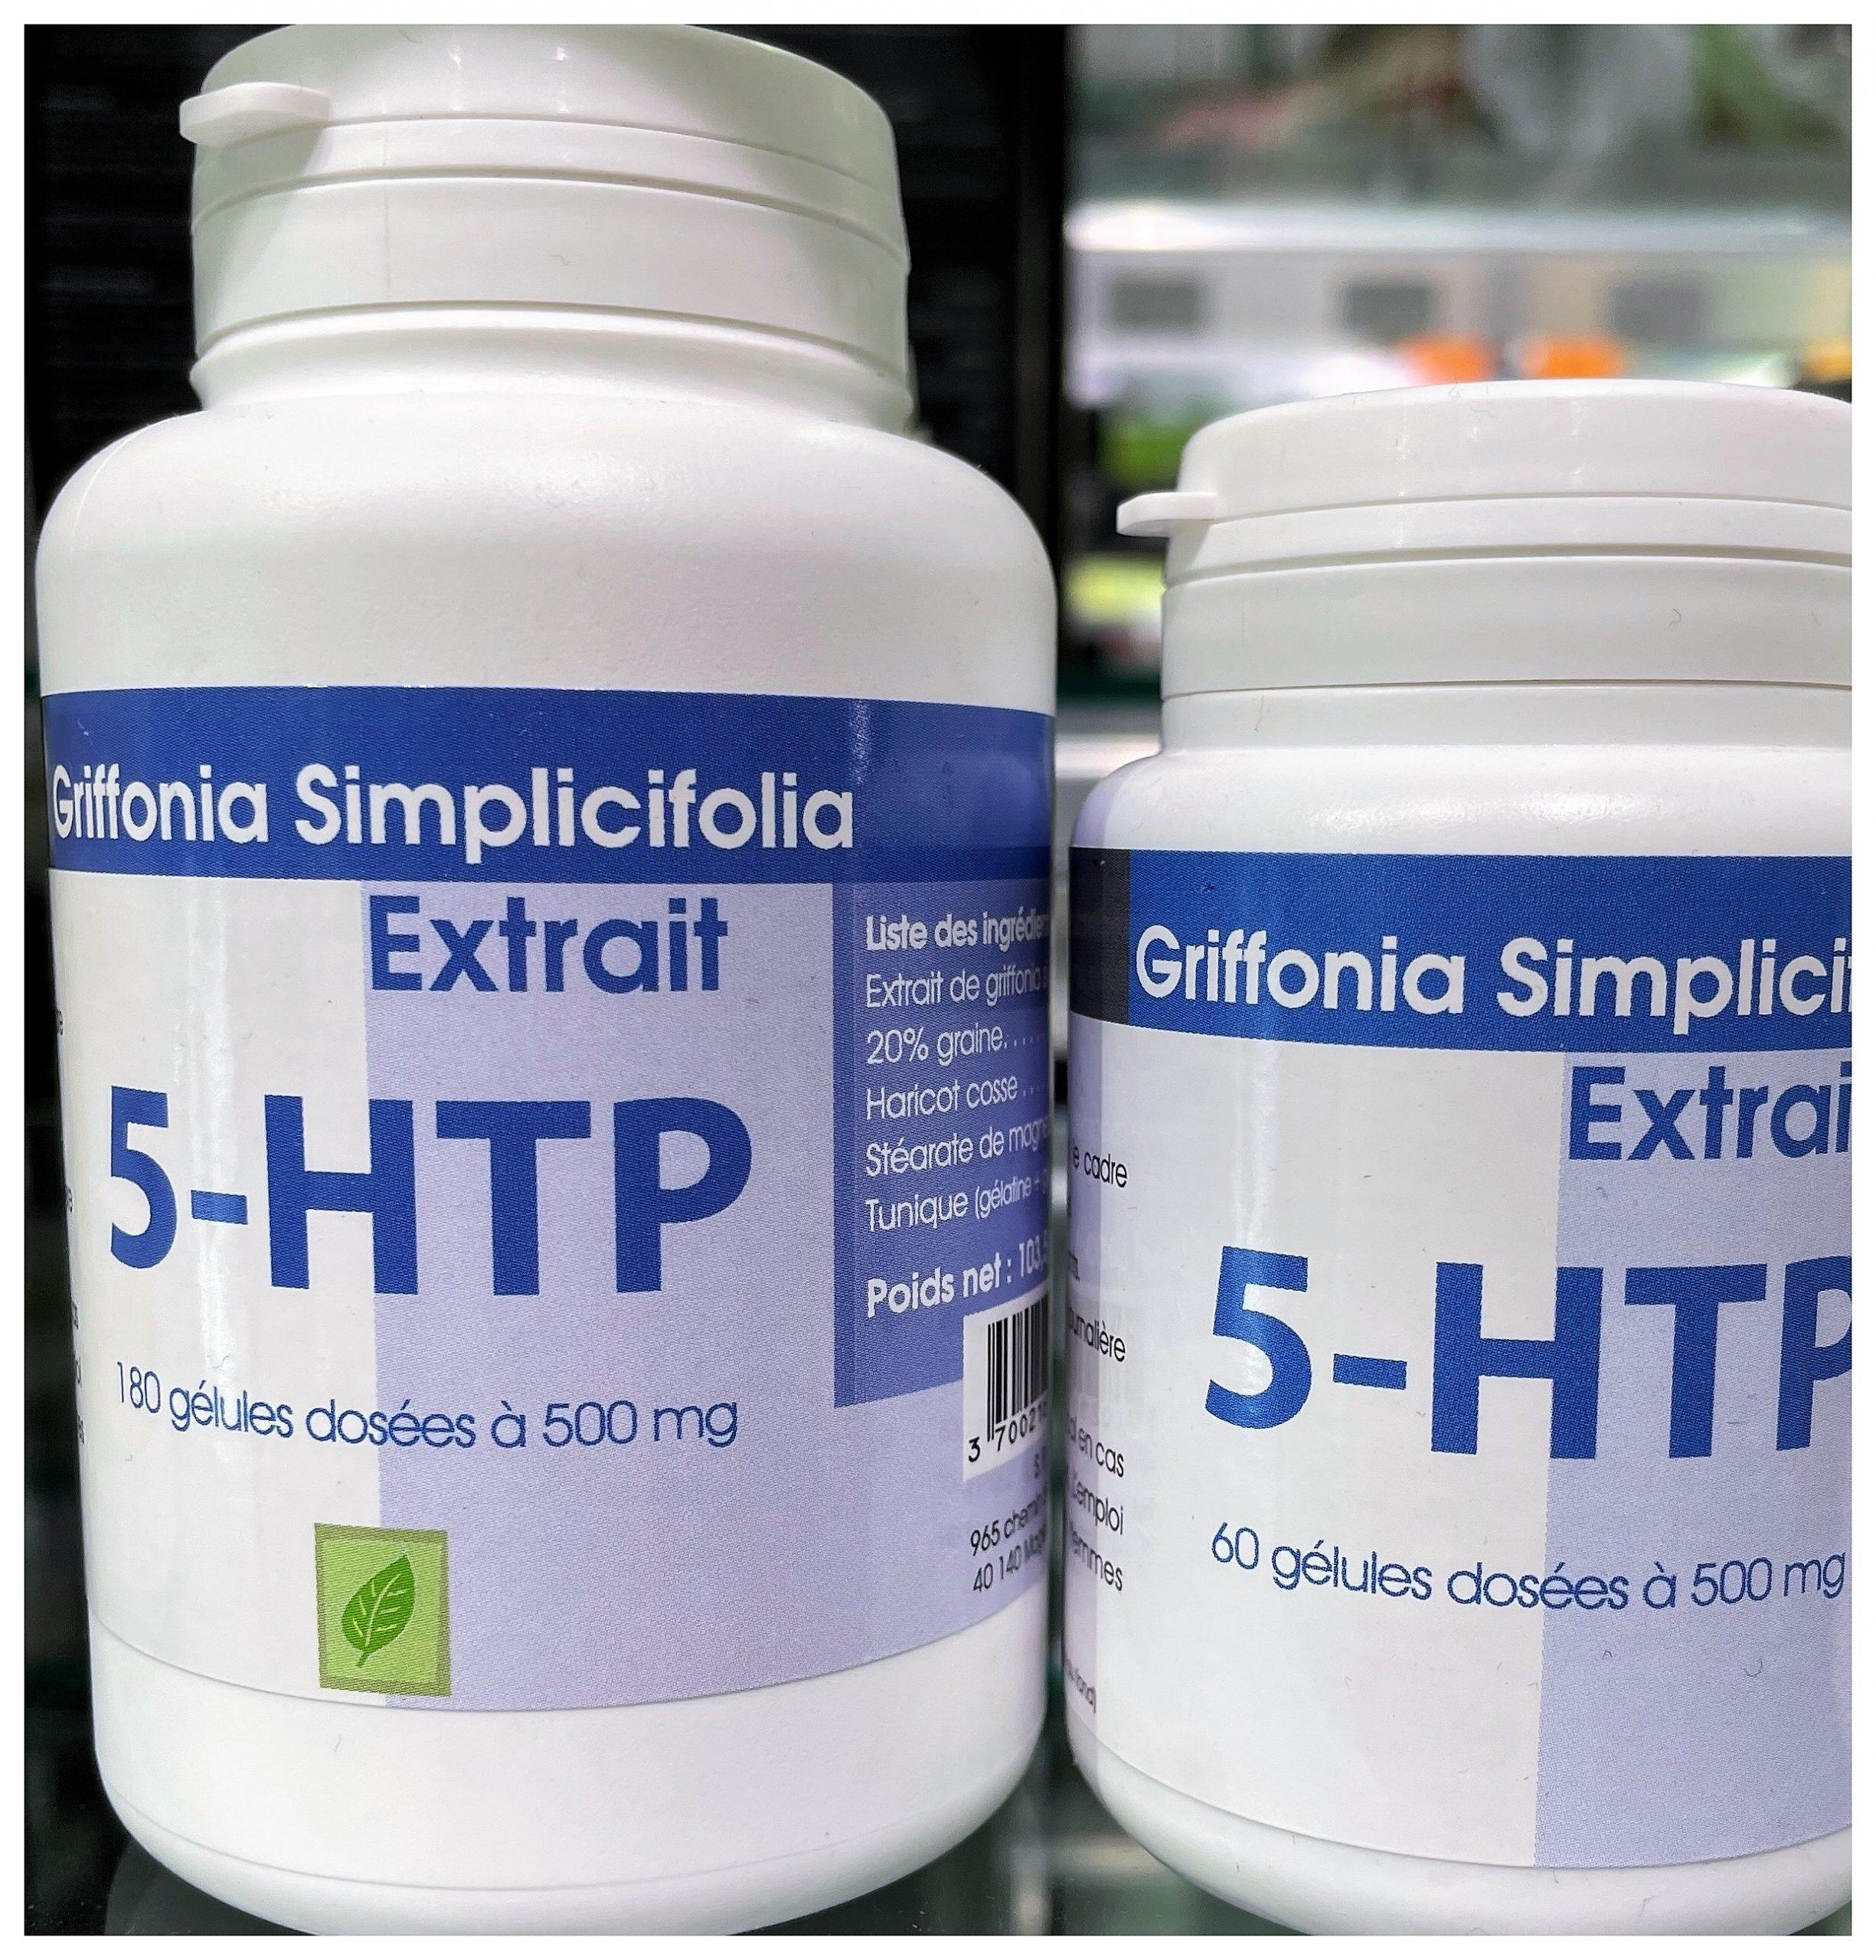 5HTP Triptofano, 300mg por día 5 HTP, Extracto Puro Semilla de Griffonia Simplicifolia, Aminoácido Mejora el Sueño, Reduce Estrés Ansiedad Insomnio, Alta Potencia